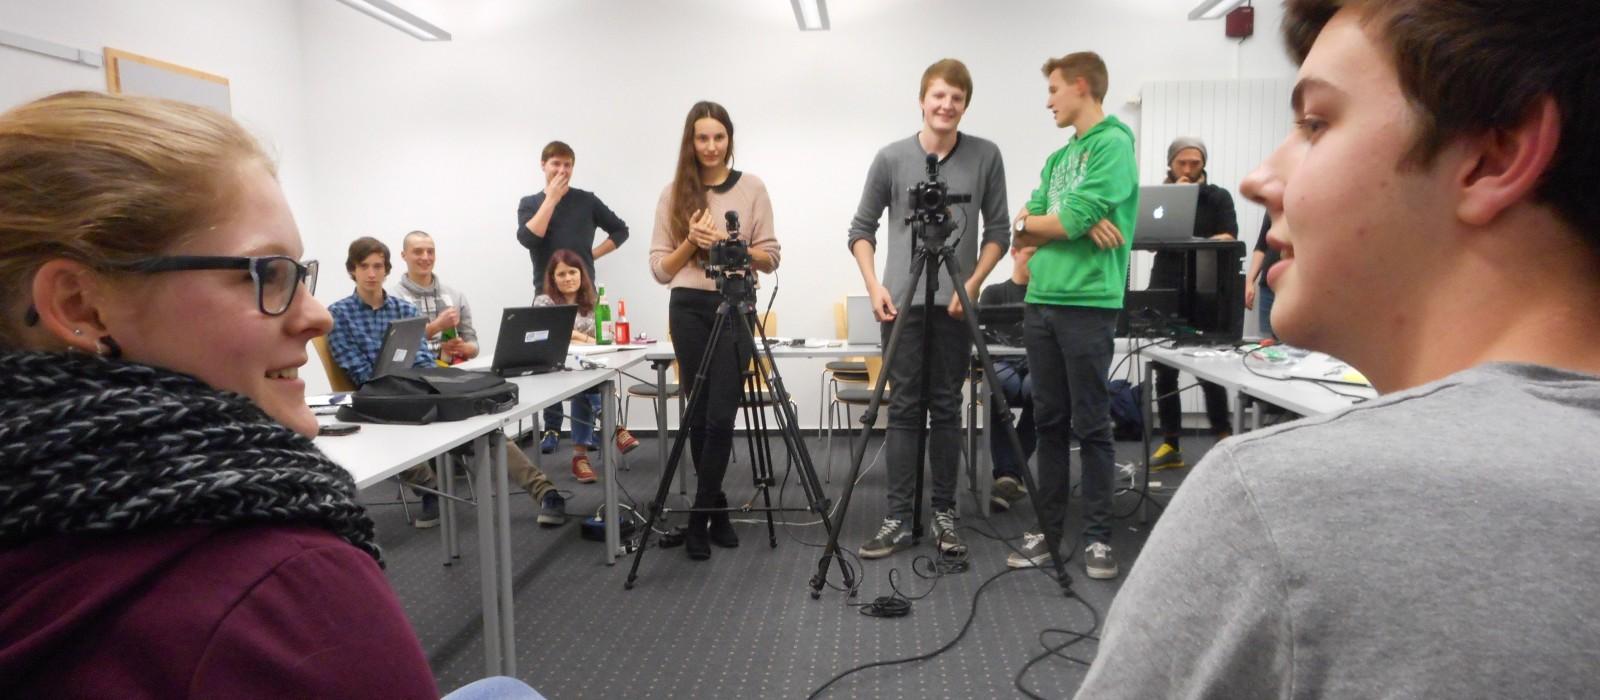 Redaktionsworkshop in Berlin vom 9. bis 11. März